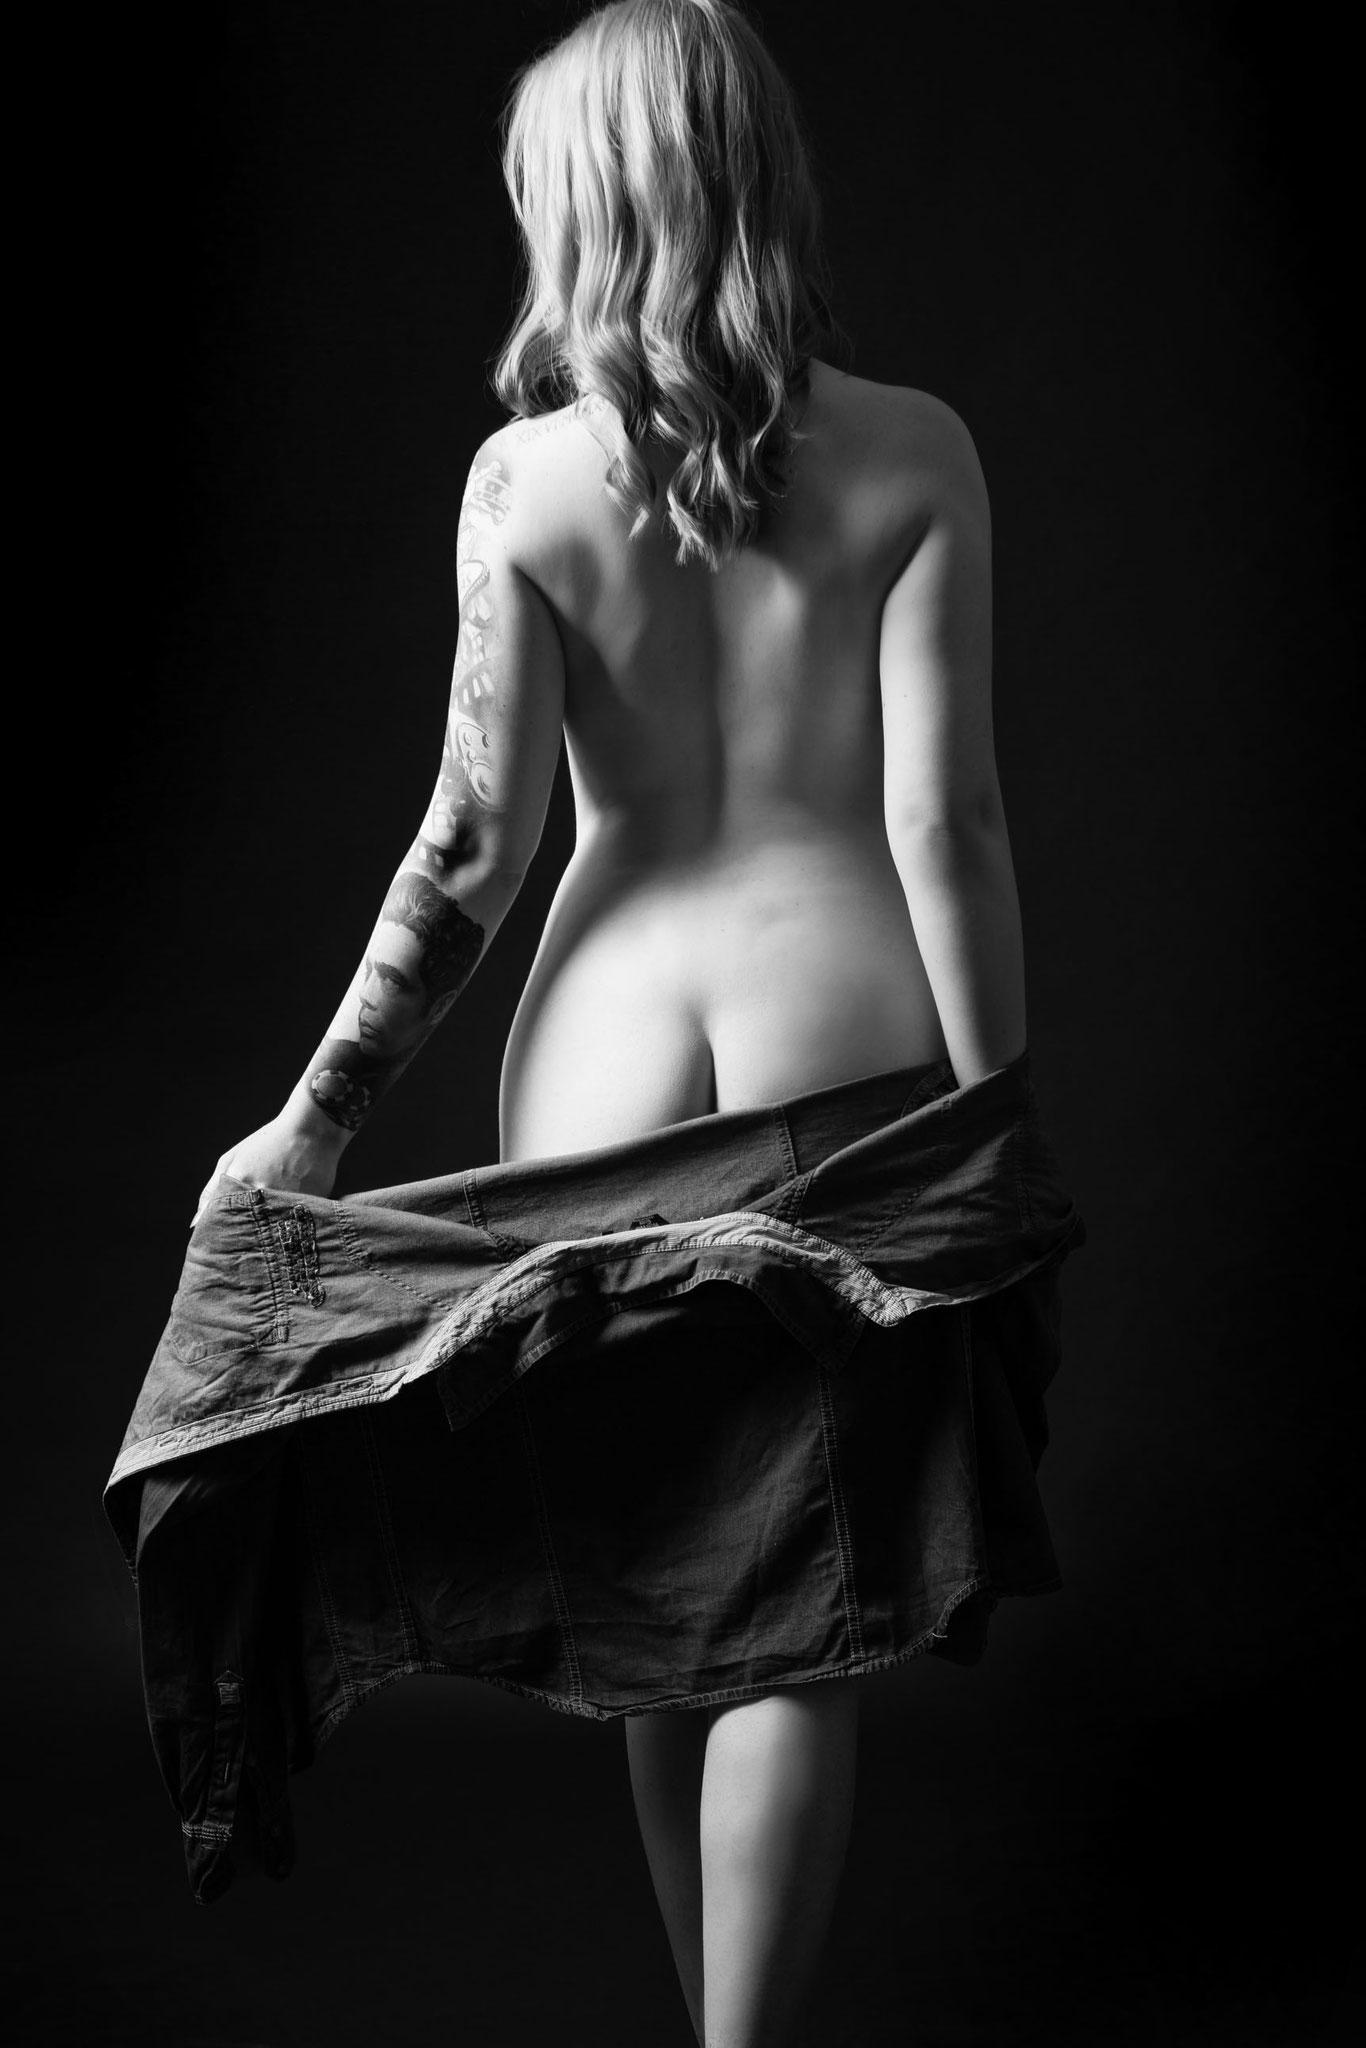 Erotischer schwarz-weiß Akt im Fotostudio in Erlangen - Aktaufnahmen Erlangen